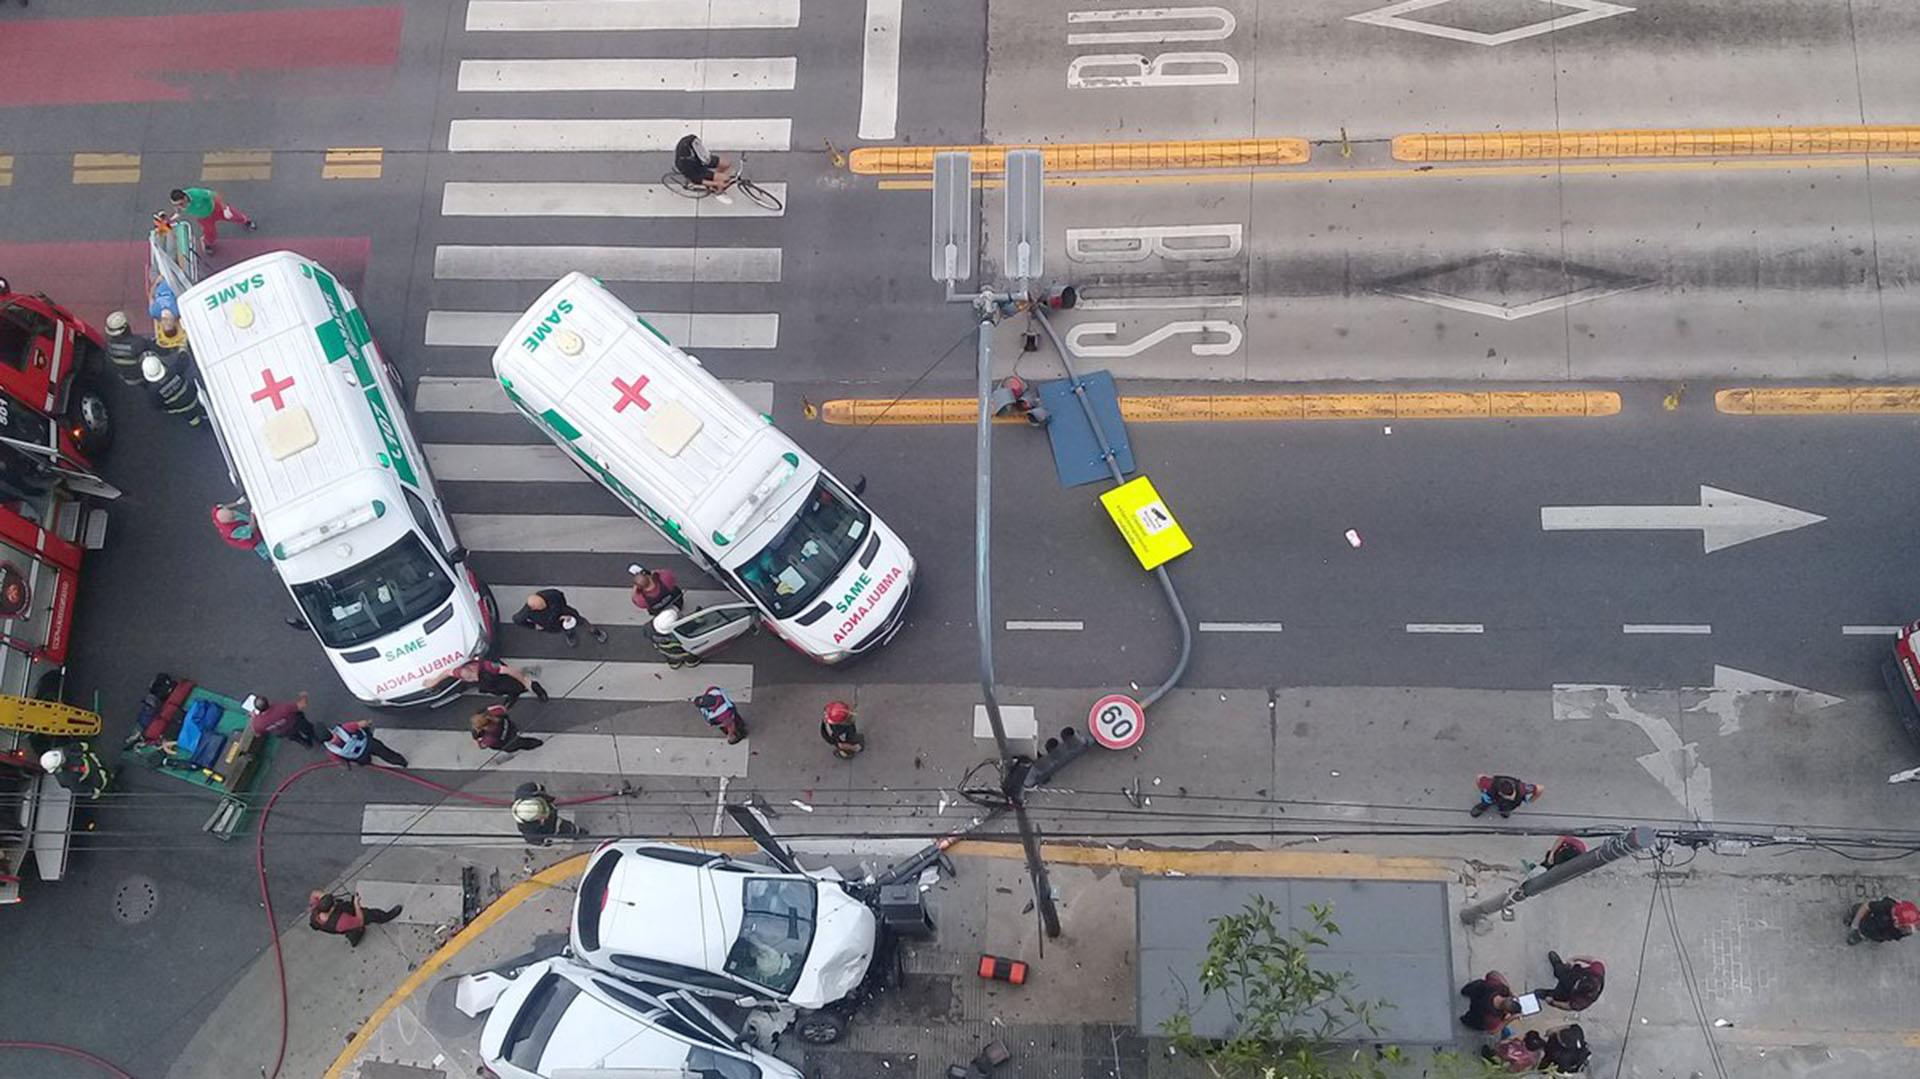 Uno de los auto derribó un semáforo (@Marluna84031249)